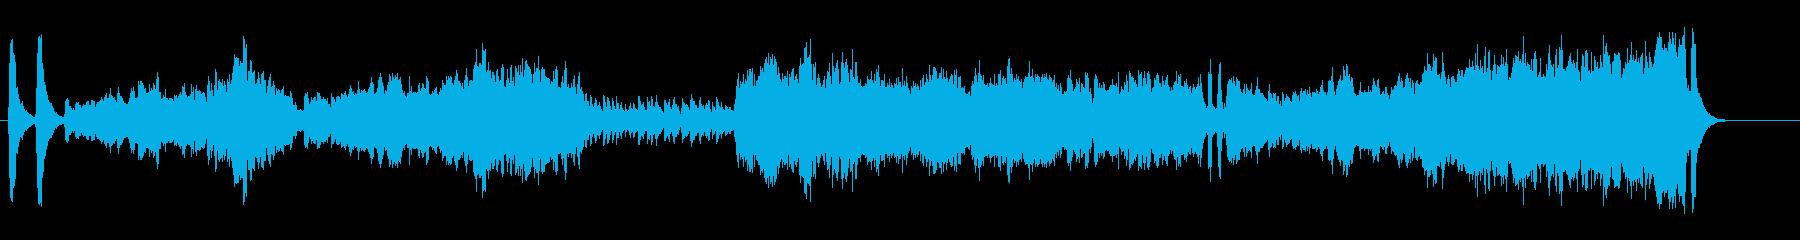 構築されたオリジナル・クラシックの再生済みの波形